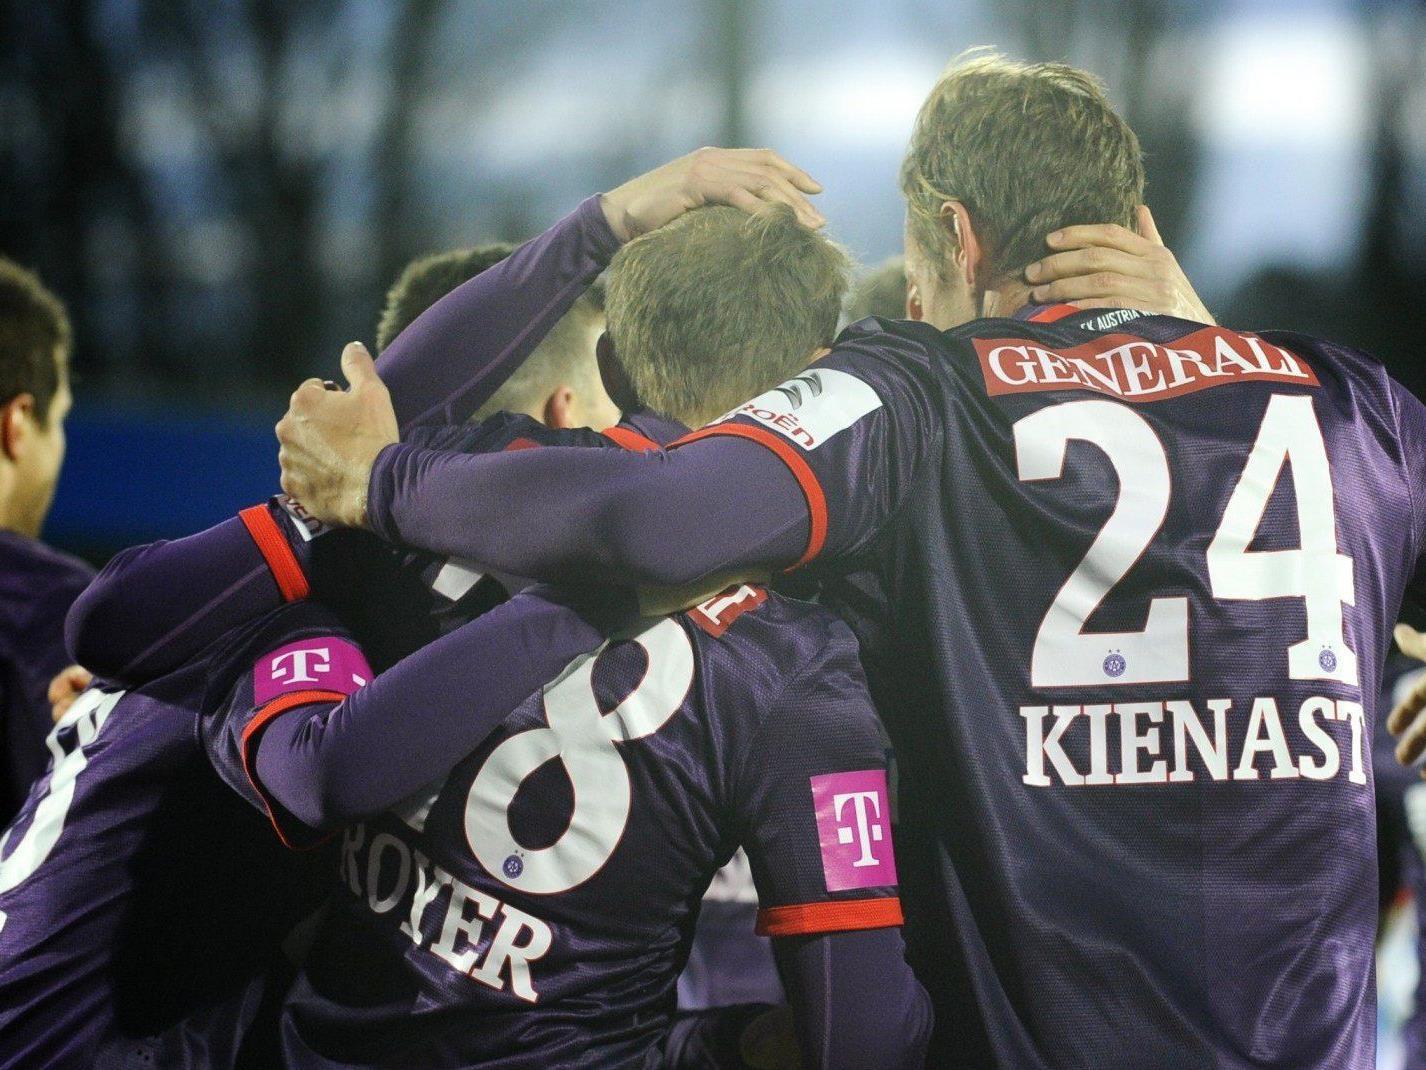 Die Meinungen zum Sonntagsspiel SC Wiener Neustadt gegen FK Austria Wien.